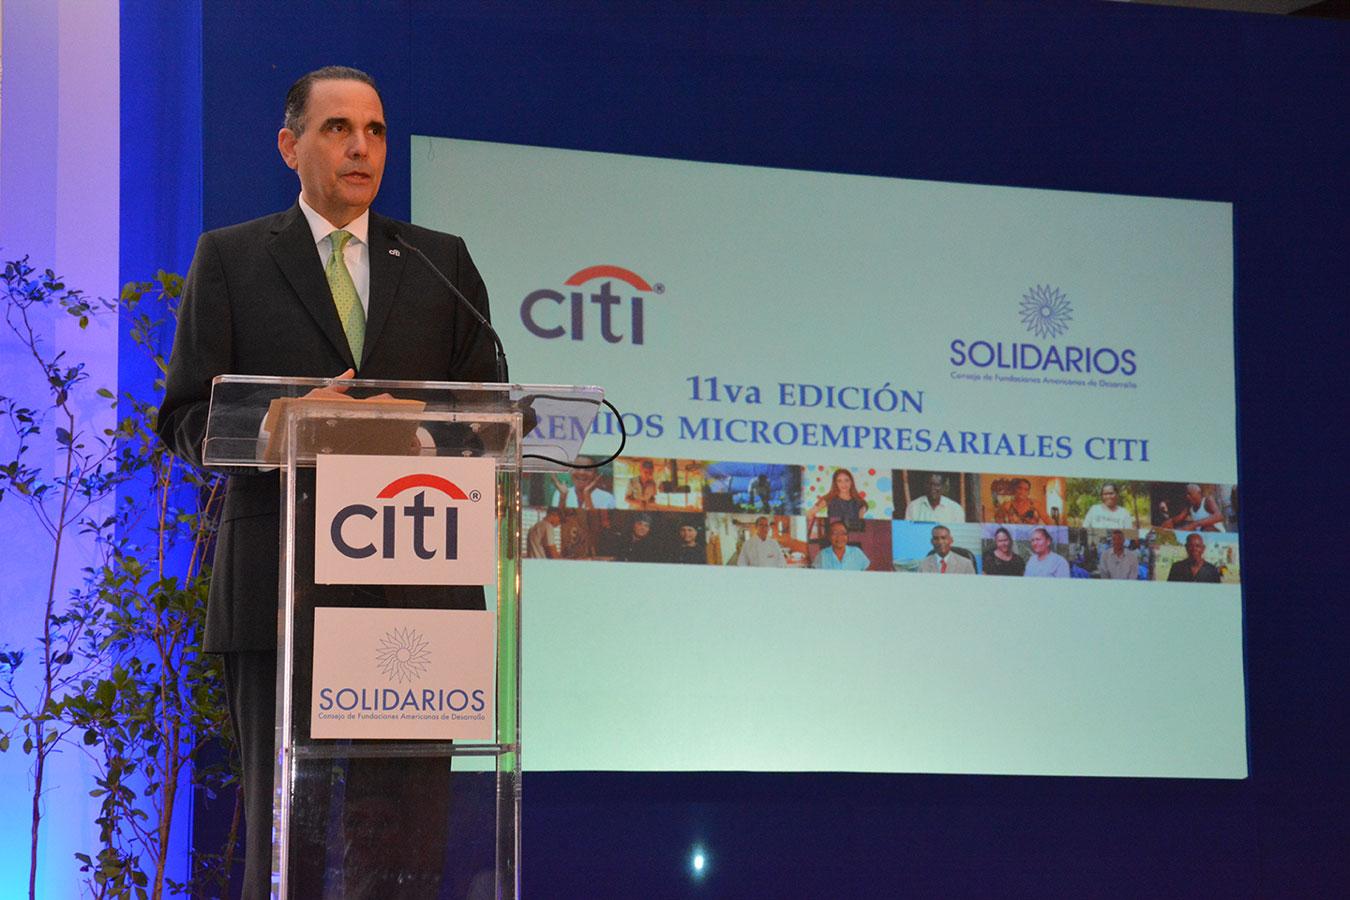 Máximo Vidal es gerente general de Citi República Dominicana desde 2005. Previo a su designación en el país, ocupó igual cargo en Honduras/Nicaragua en el período 2011-2005.   Gabriel Alcántara